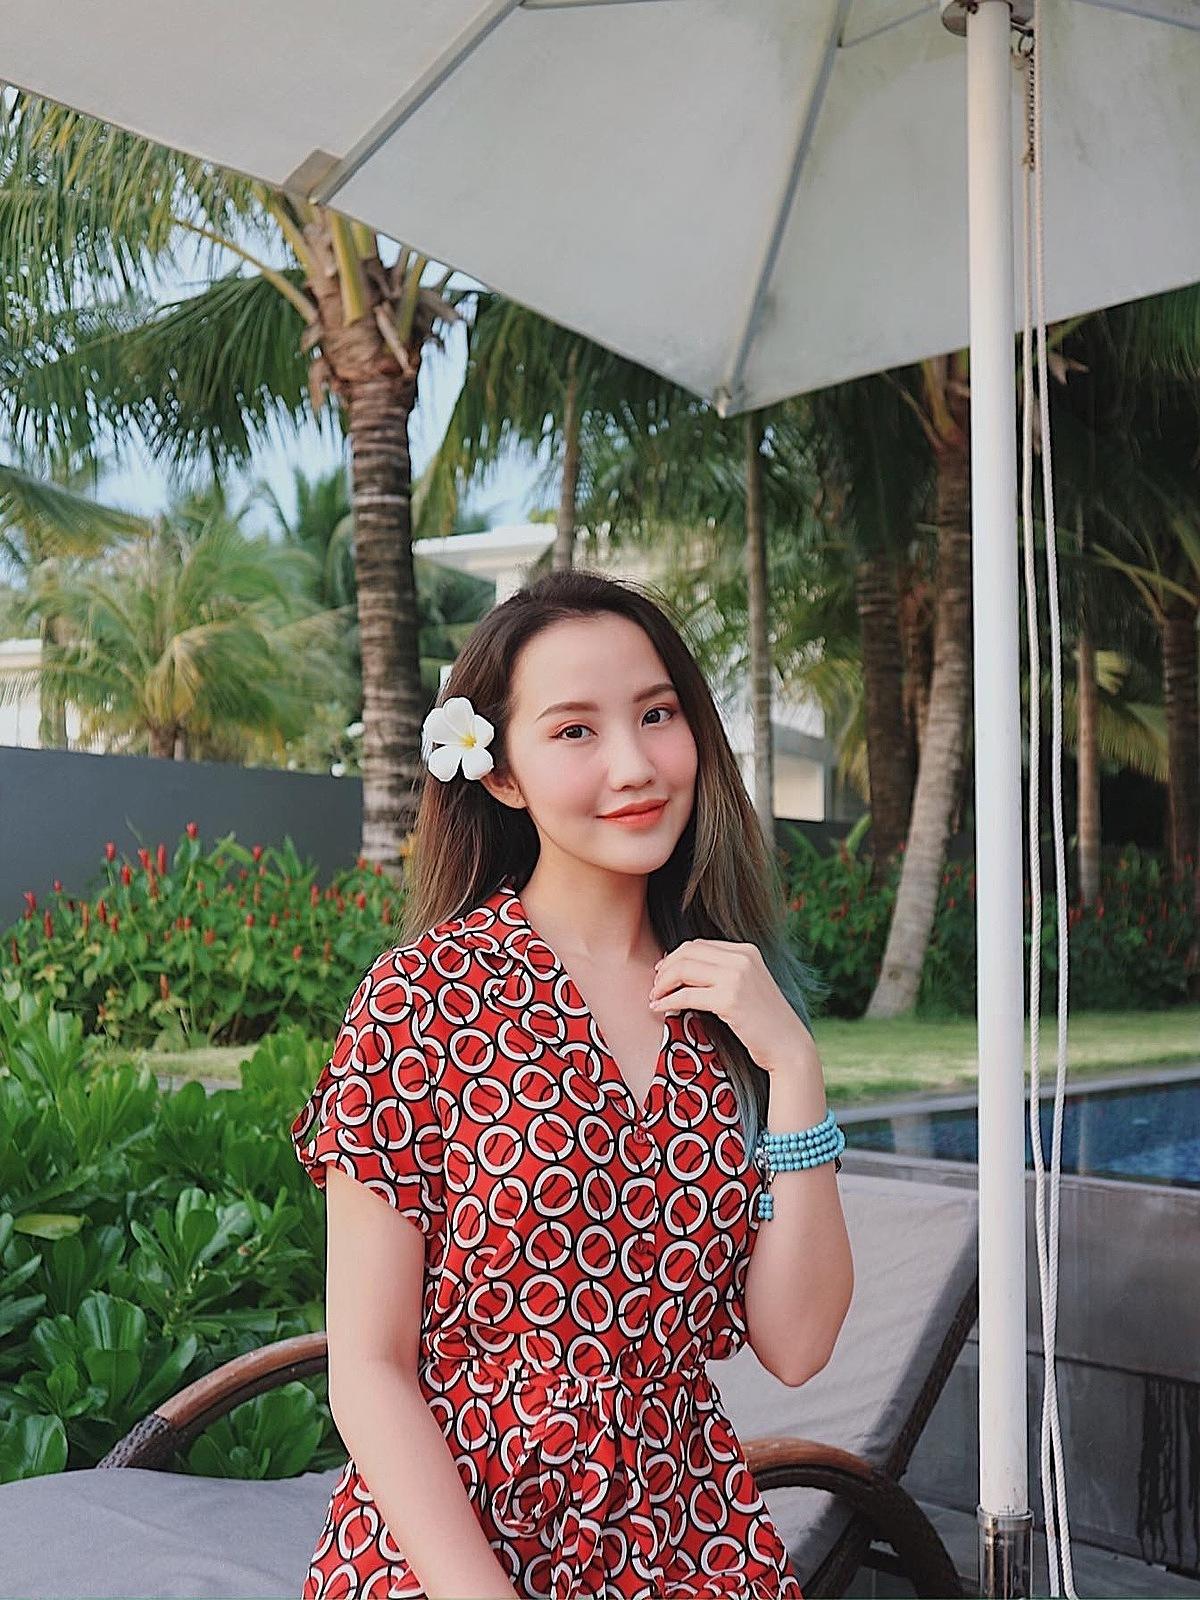 Hot girl Primmy Trương luôn ghi điểm bởi vẻ đẹp dịu dàng. Cô chia sẻ Maybi là bạn đồng hành thân thiết kể cả khi ở nhà lẫn lúc ra phố.